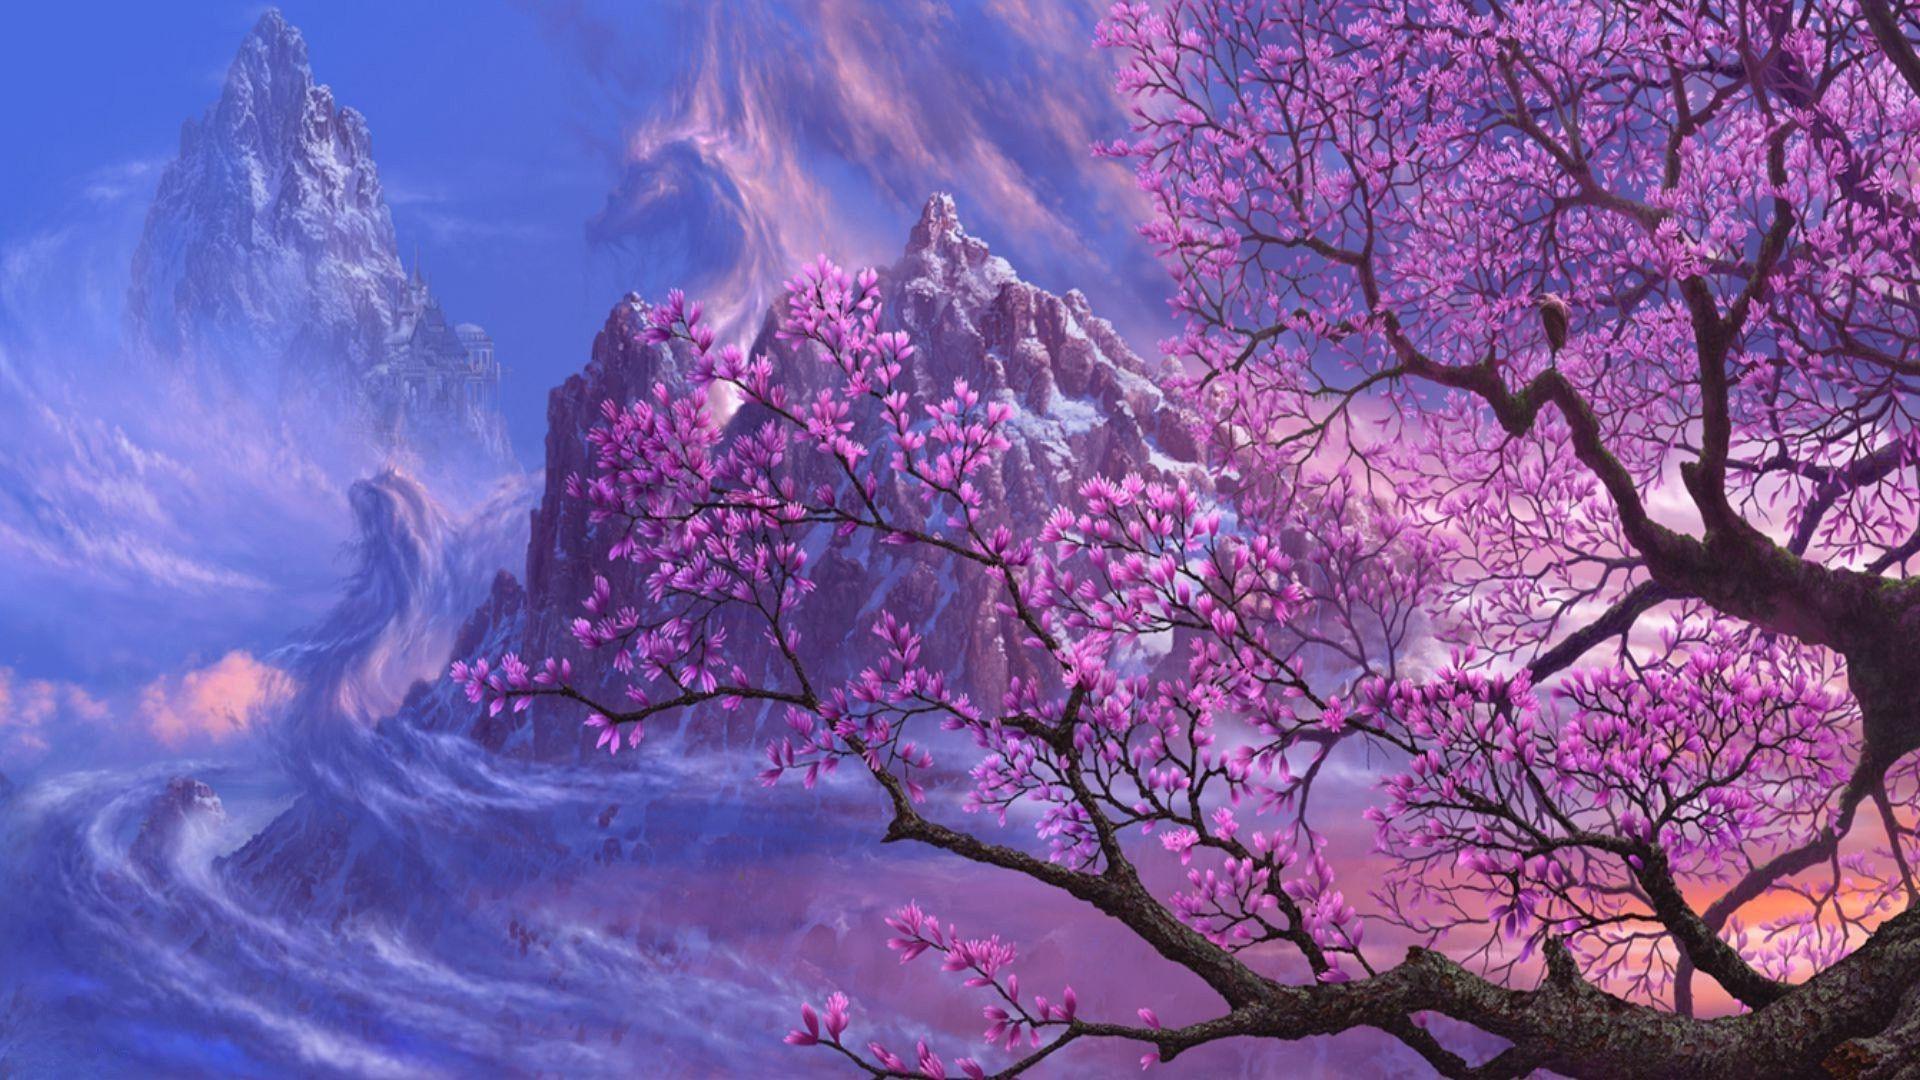 Tree Art Planet Light Fantasy Scifi Galaxy Sky Stars Wallpaper At